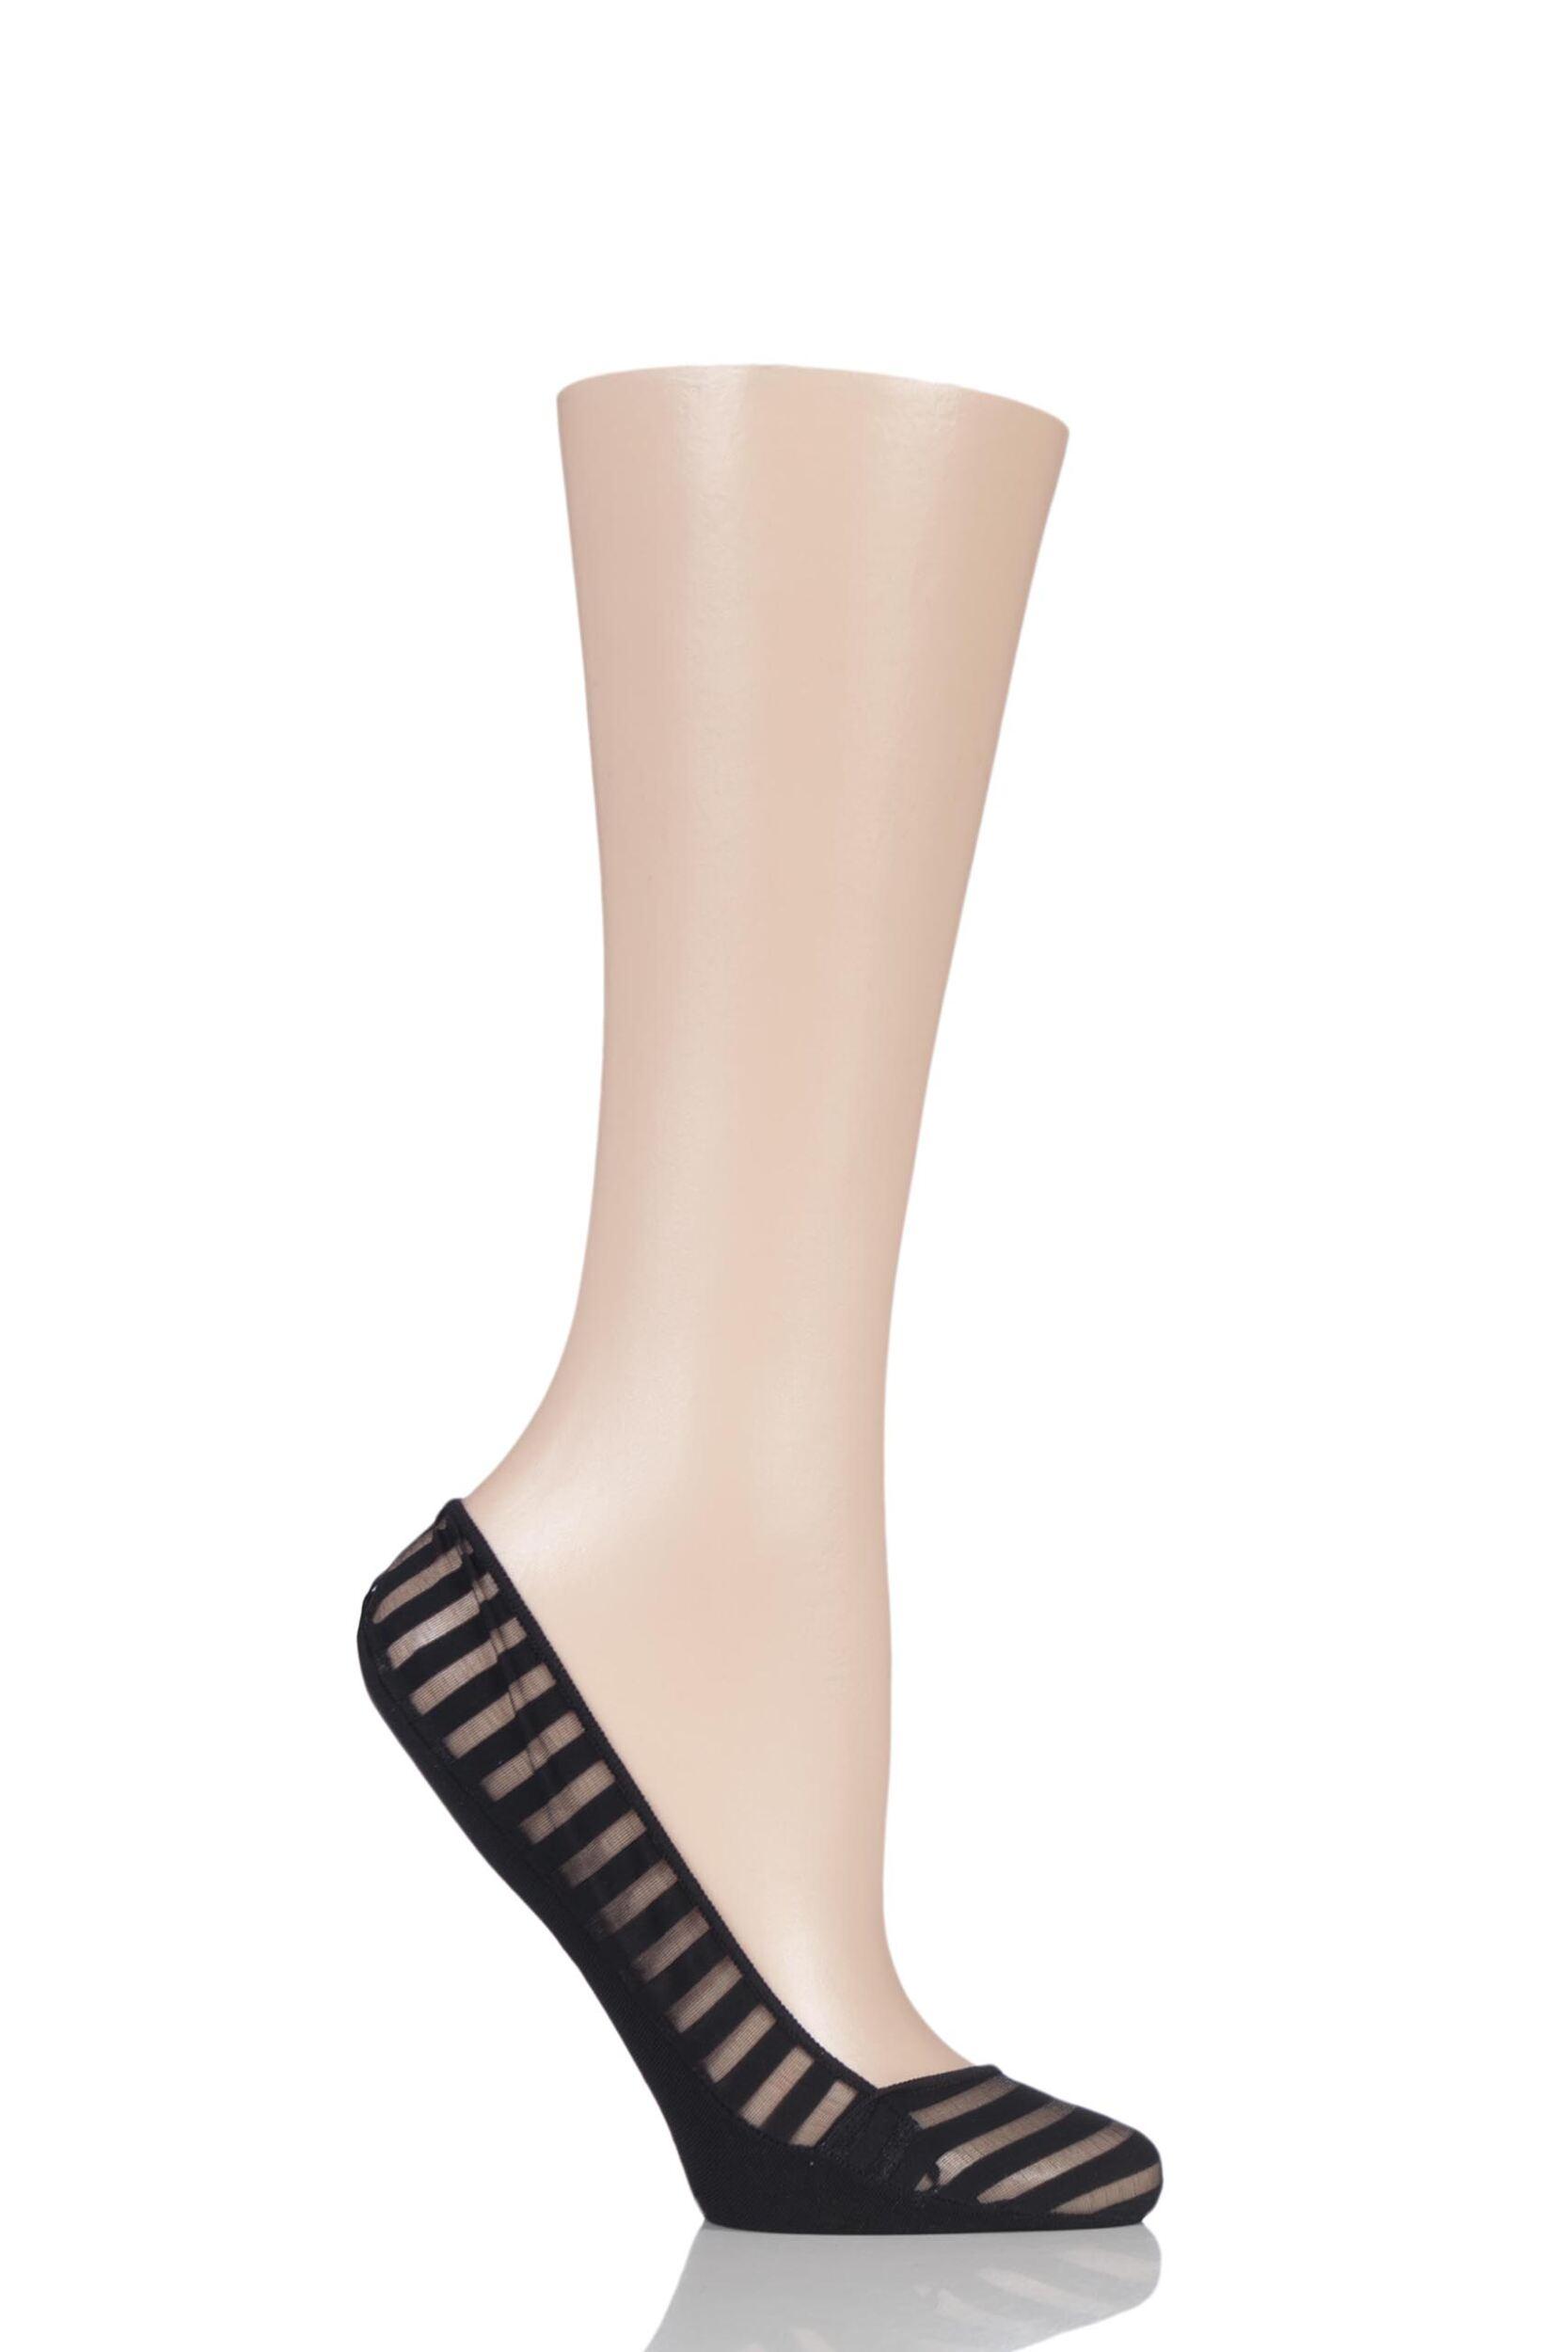 Damas 1 Par Transparente A Rayas Calcetines Forro De Zapatos Elle Con Grip